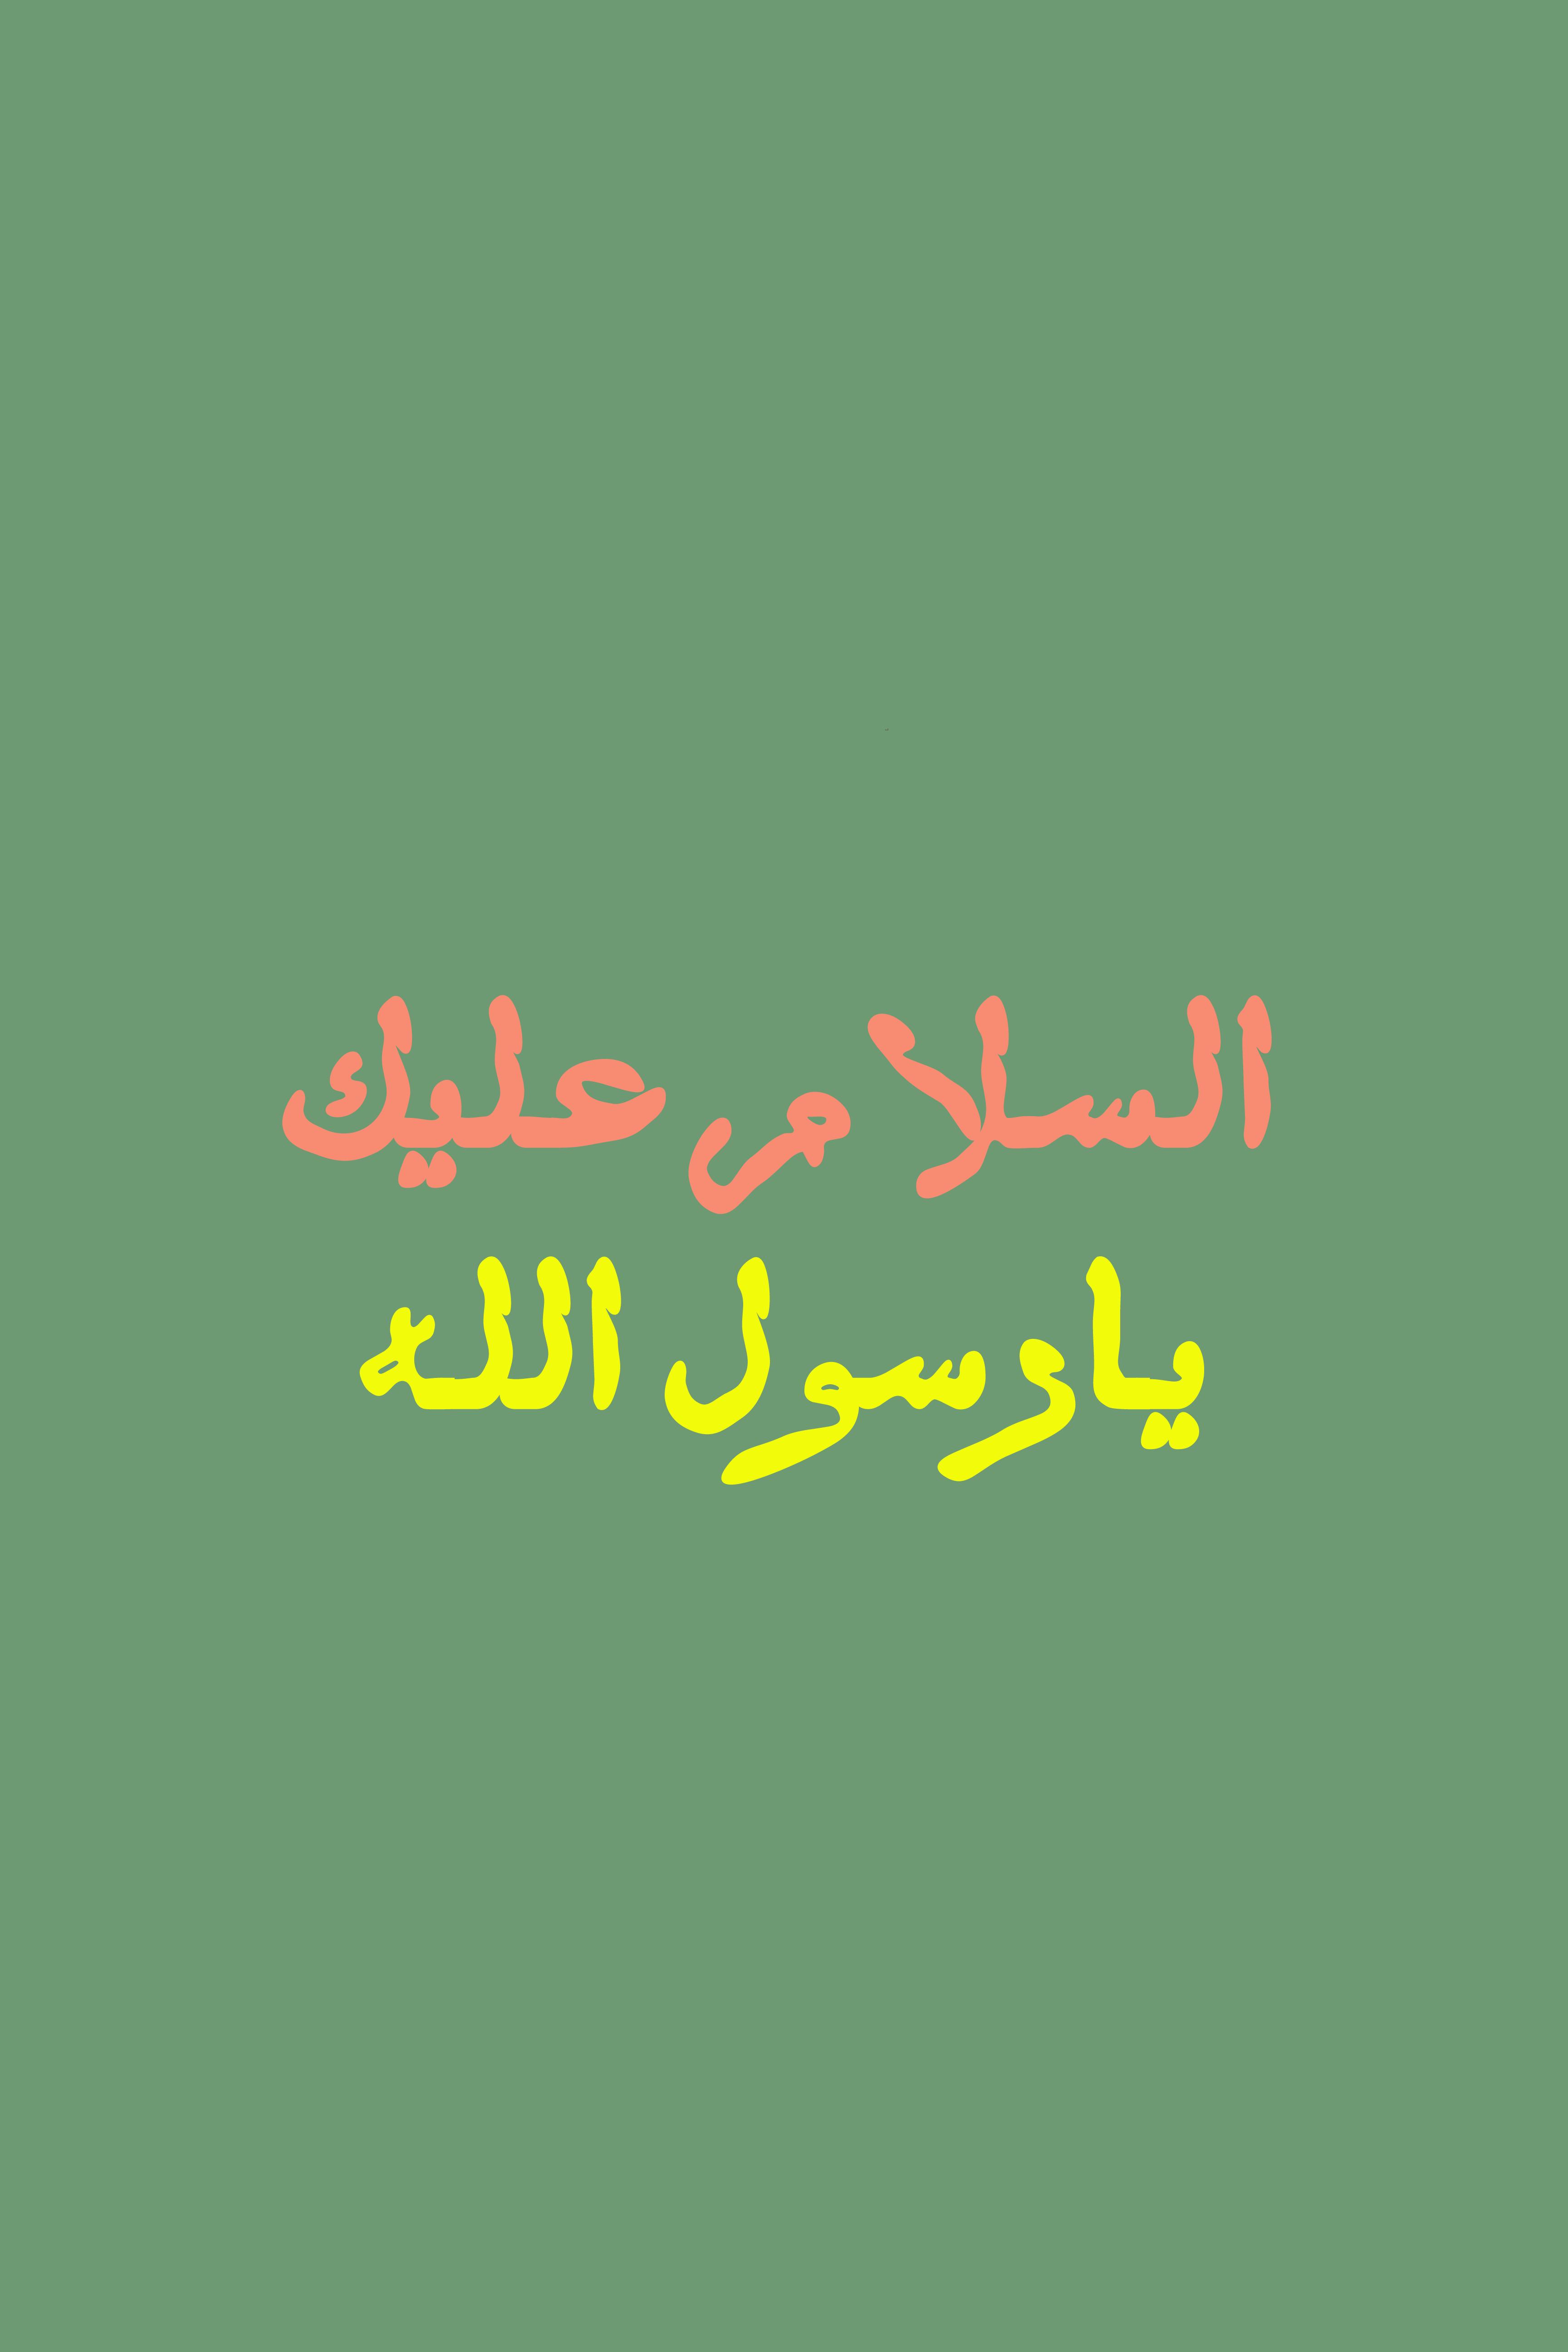 السلام عليك يارسول الله Arabic Calligraphy Islam